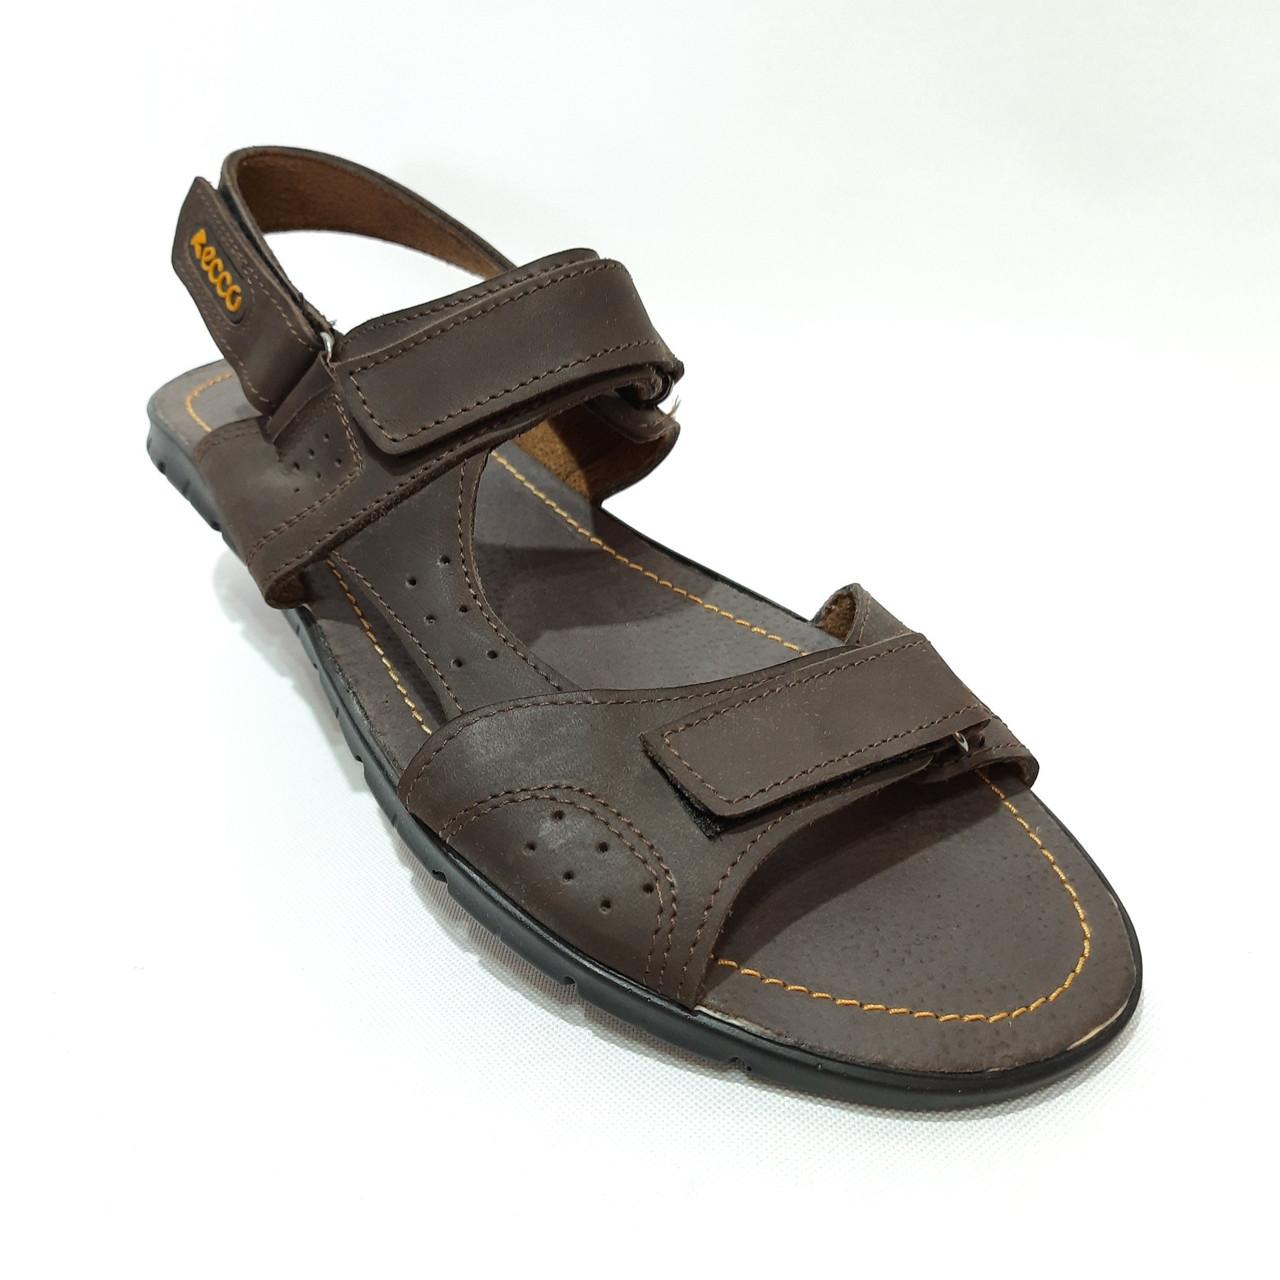 Мужские кожаные сандали (Больших размеров) р. 46 последняя пара